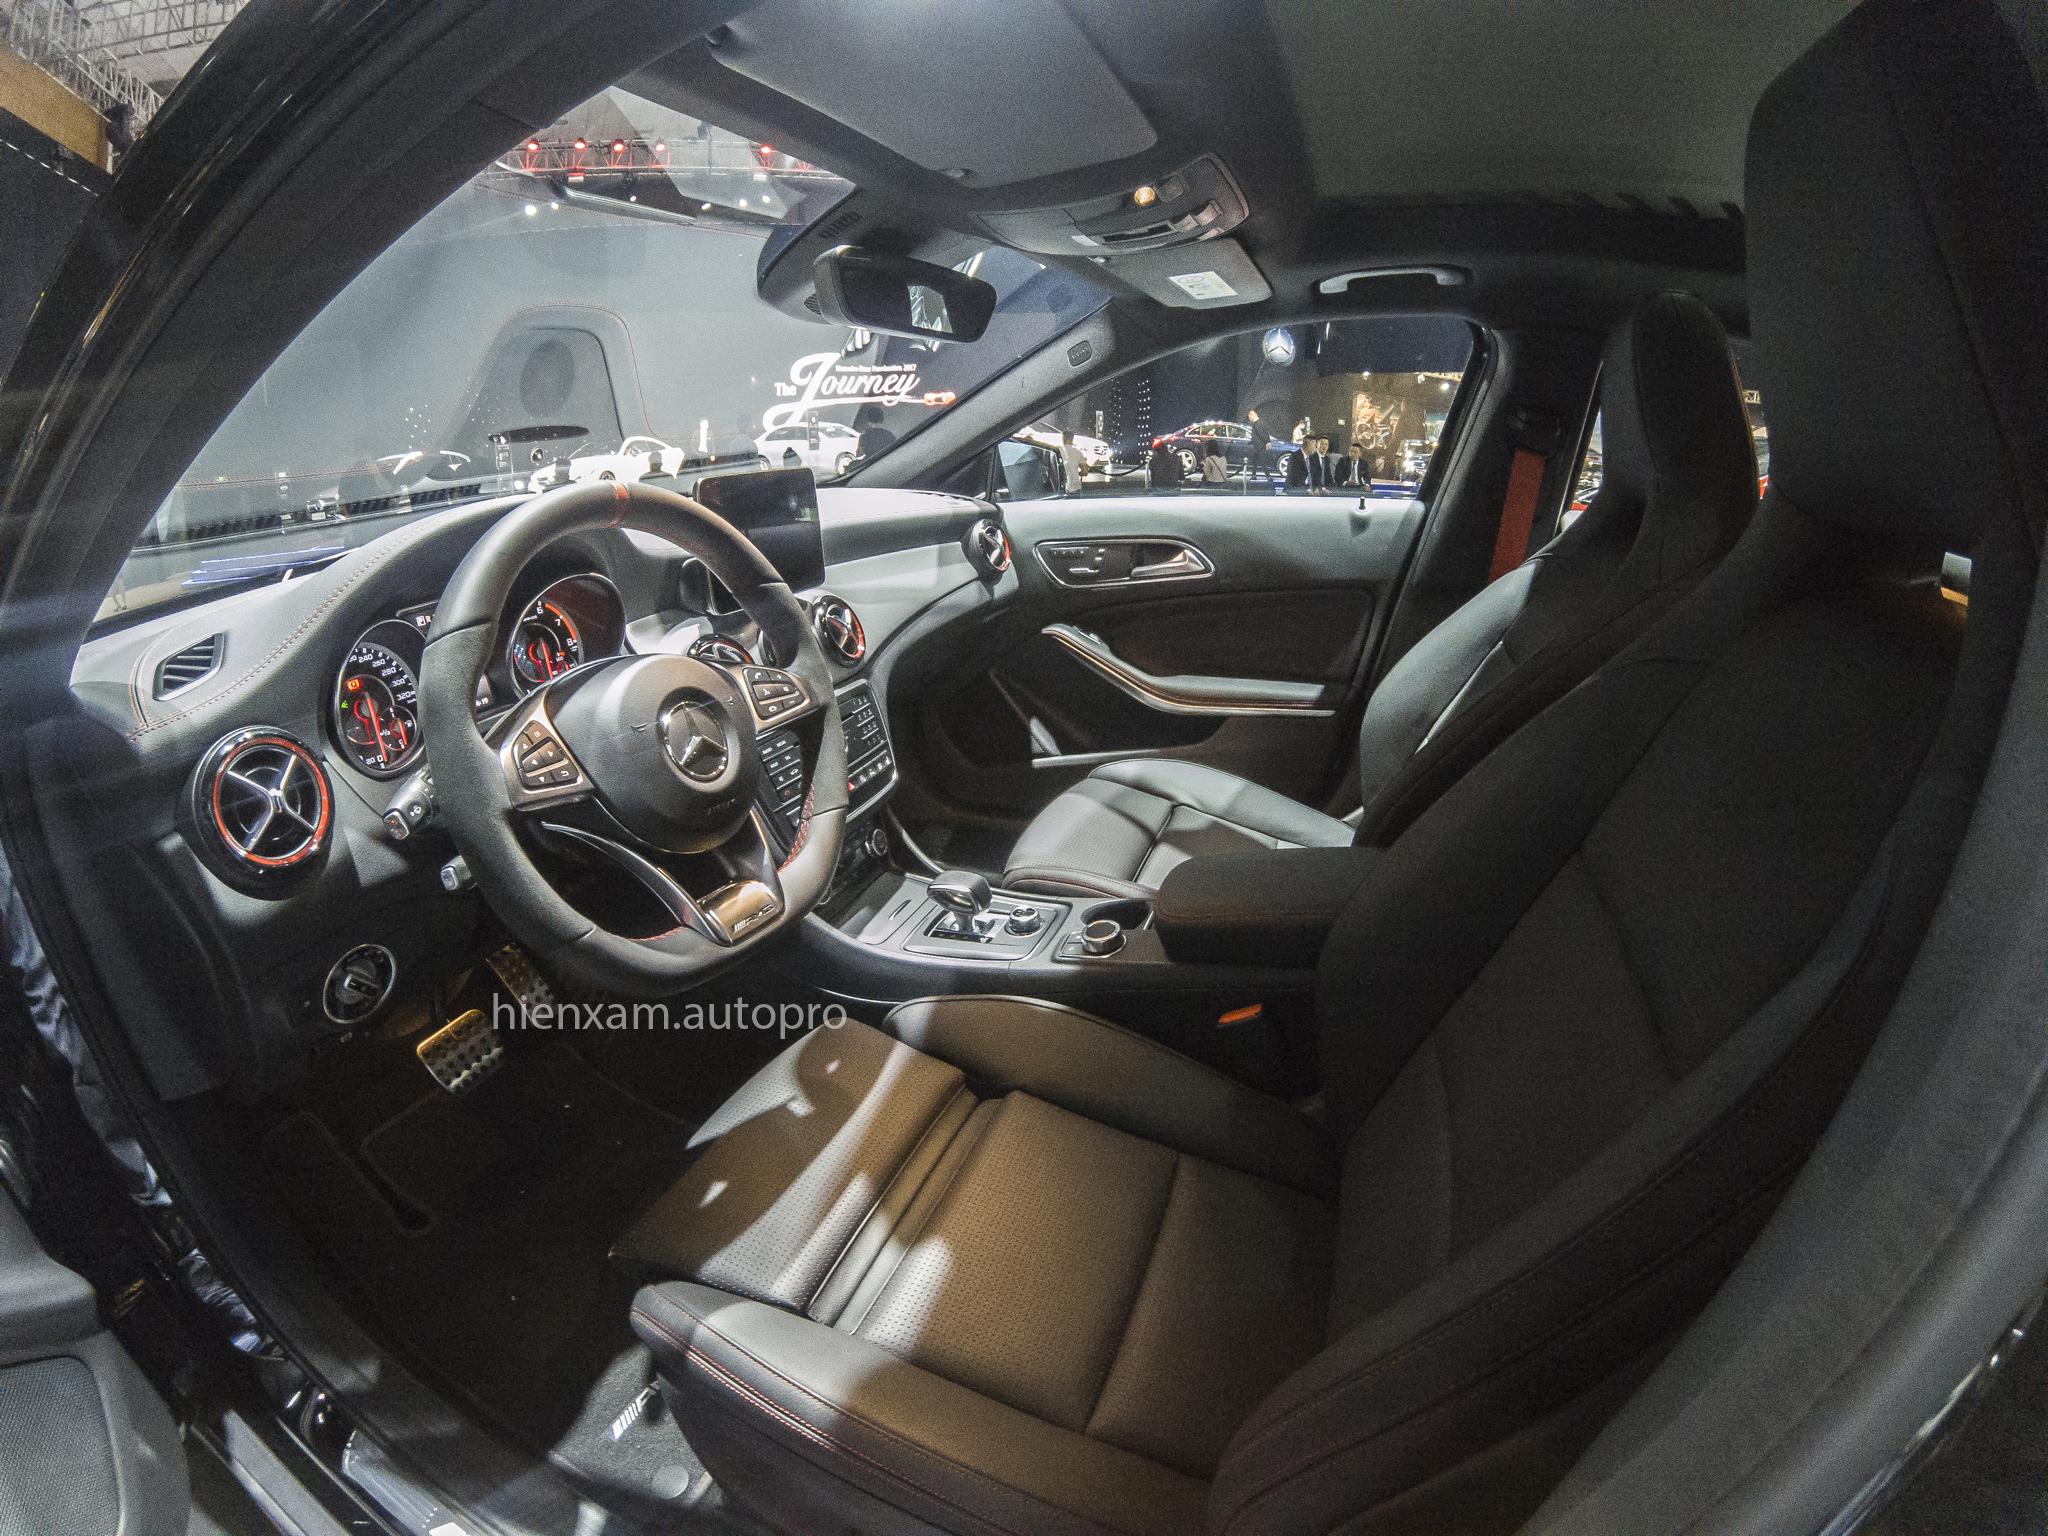 Cận cảnh Mercedes-Benz GLA 45 AMG giá 2,279 tỉ đồng - Ảnh 10.